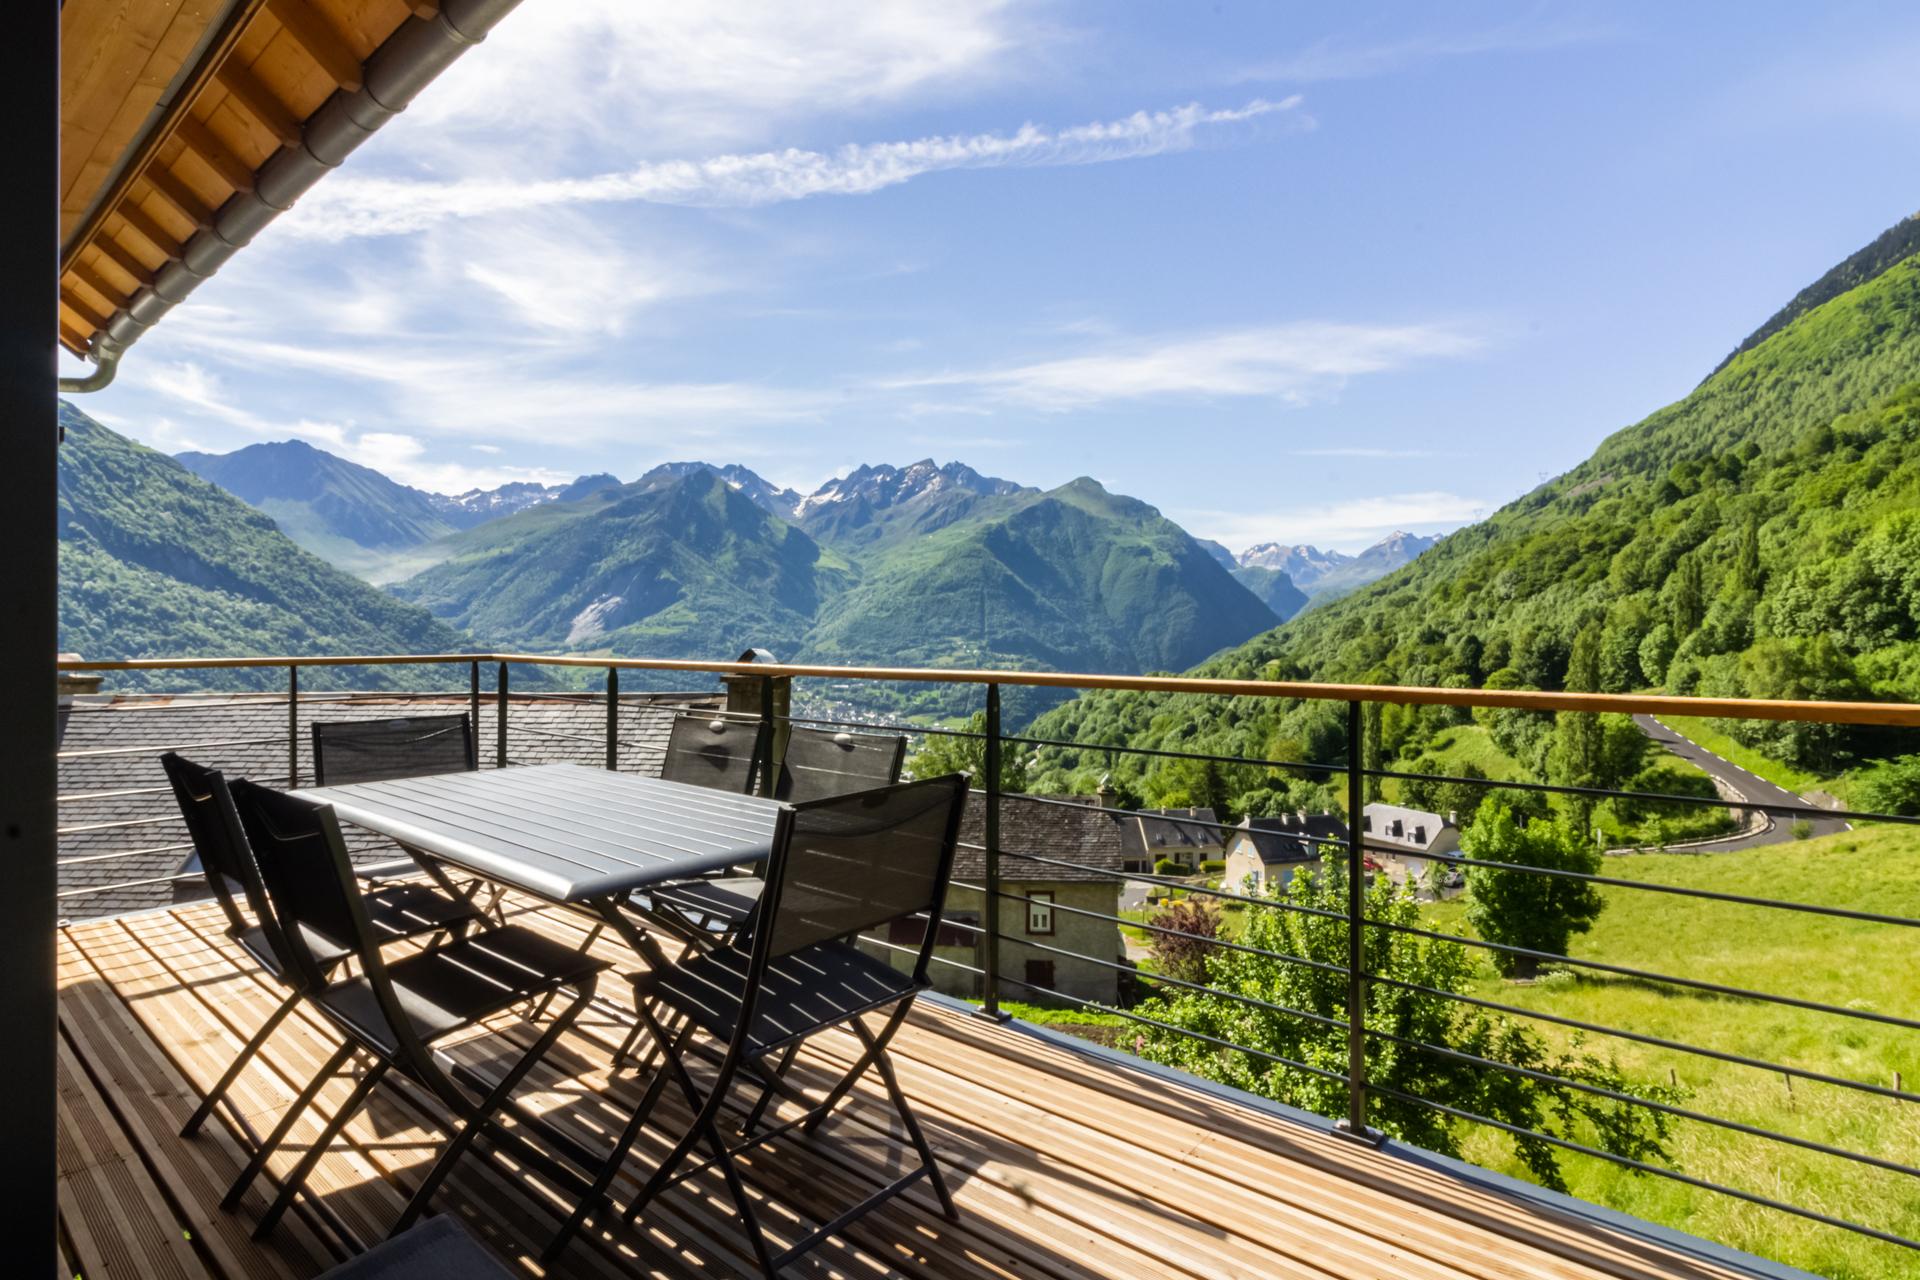 photographe-immobilier-photographe lourdes-tarbes-pau-airbnb-trivago-louer-acheter-vendre-appartement-maison